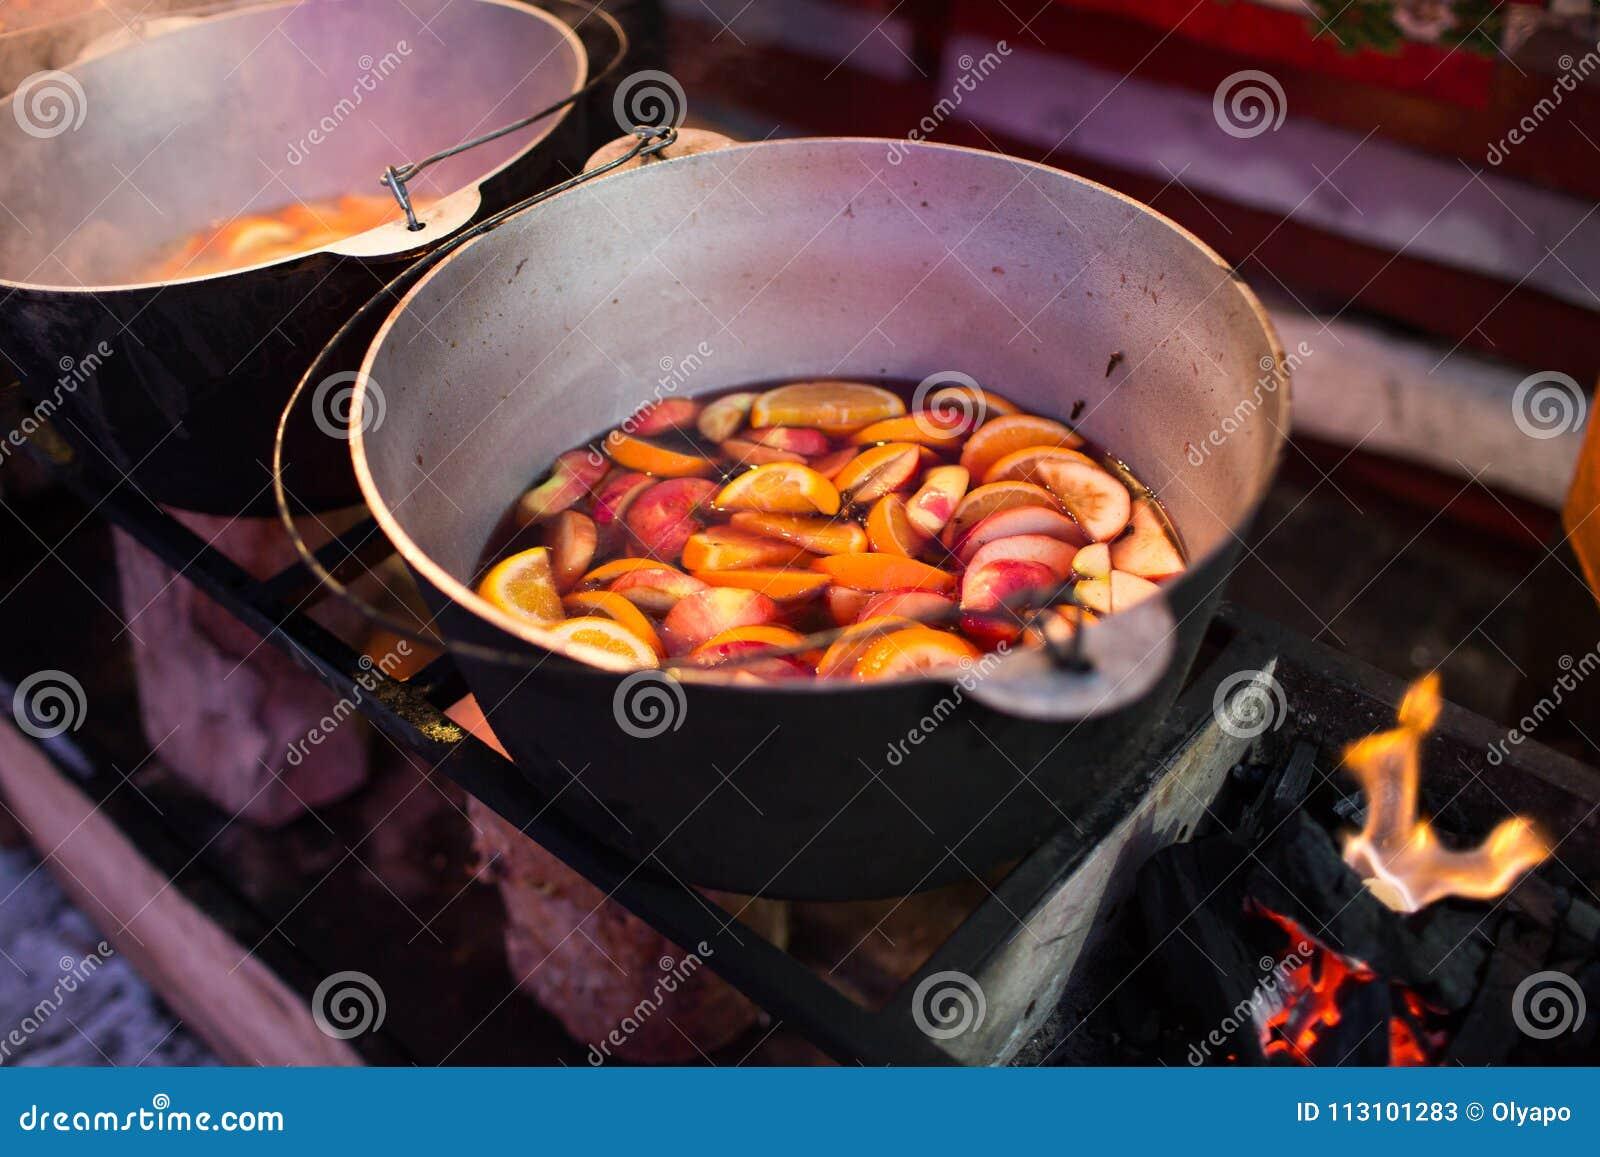 Καυτό gluhwein ή θερμαμένο κρασί σε ένα καζάνι στη δίκαιη, τοπική απόλαυση, θερμός και πικάντικος Ένα ζεστό θρεπτικό παραδοσιακό